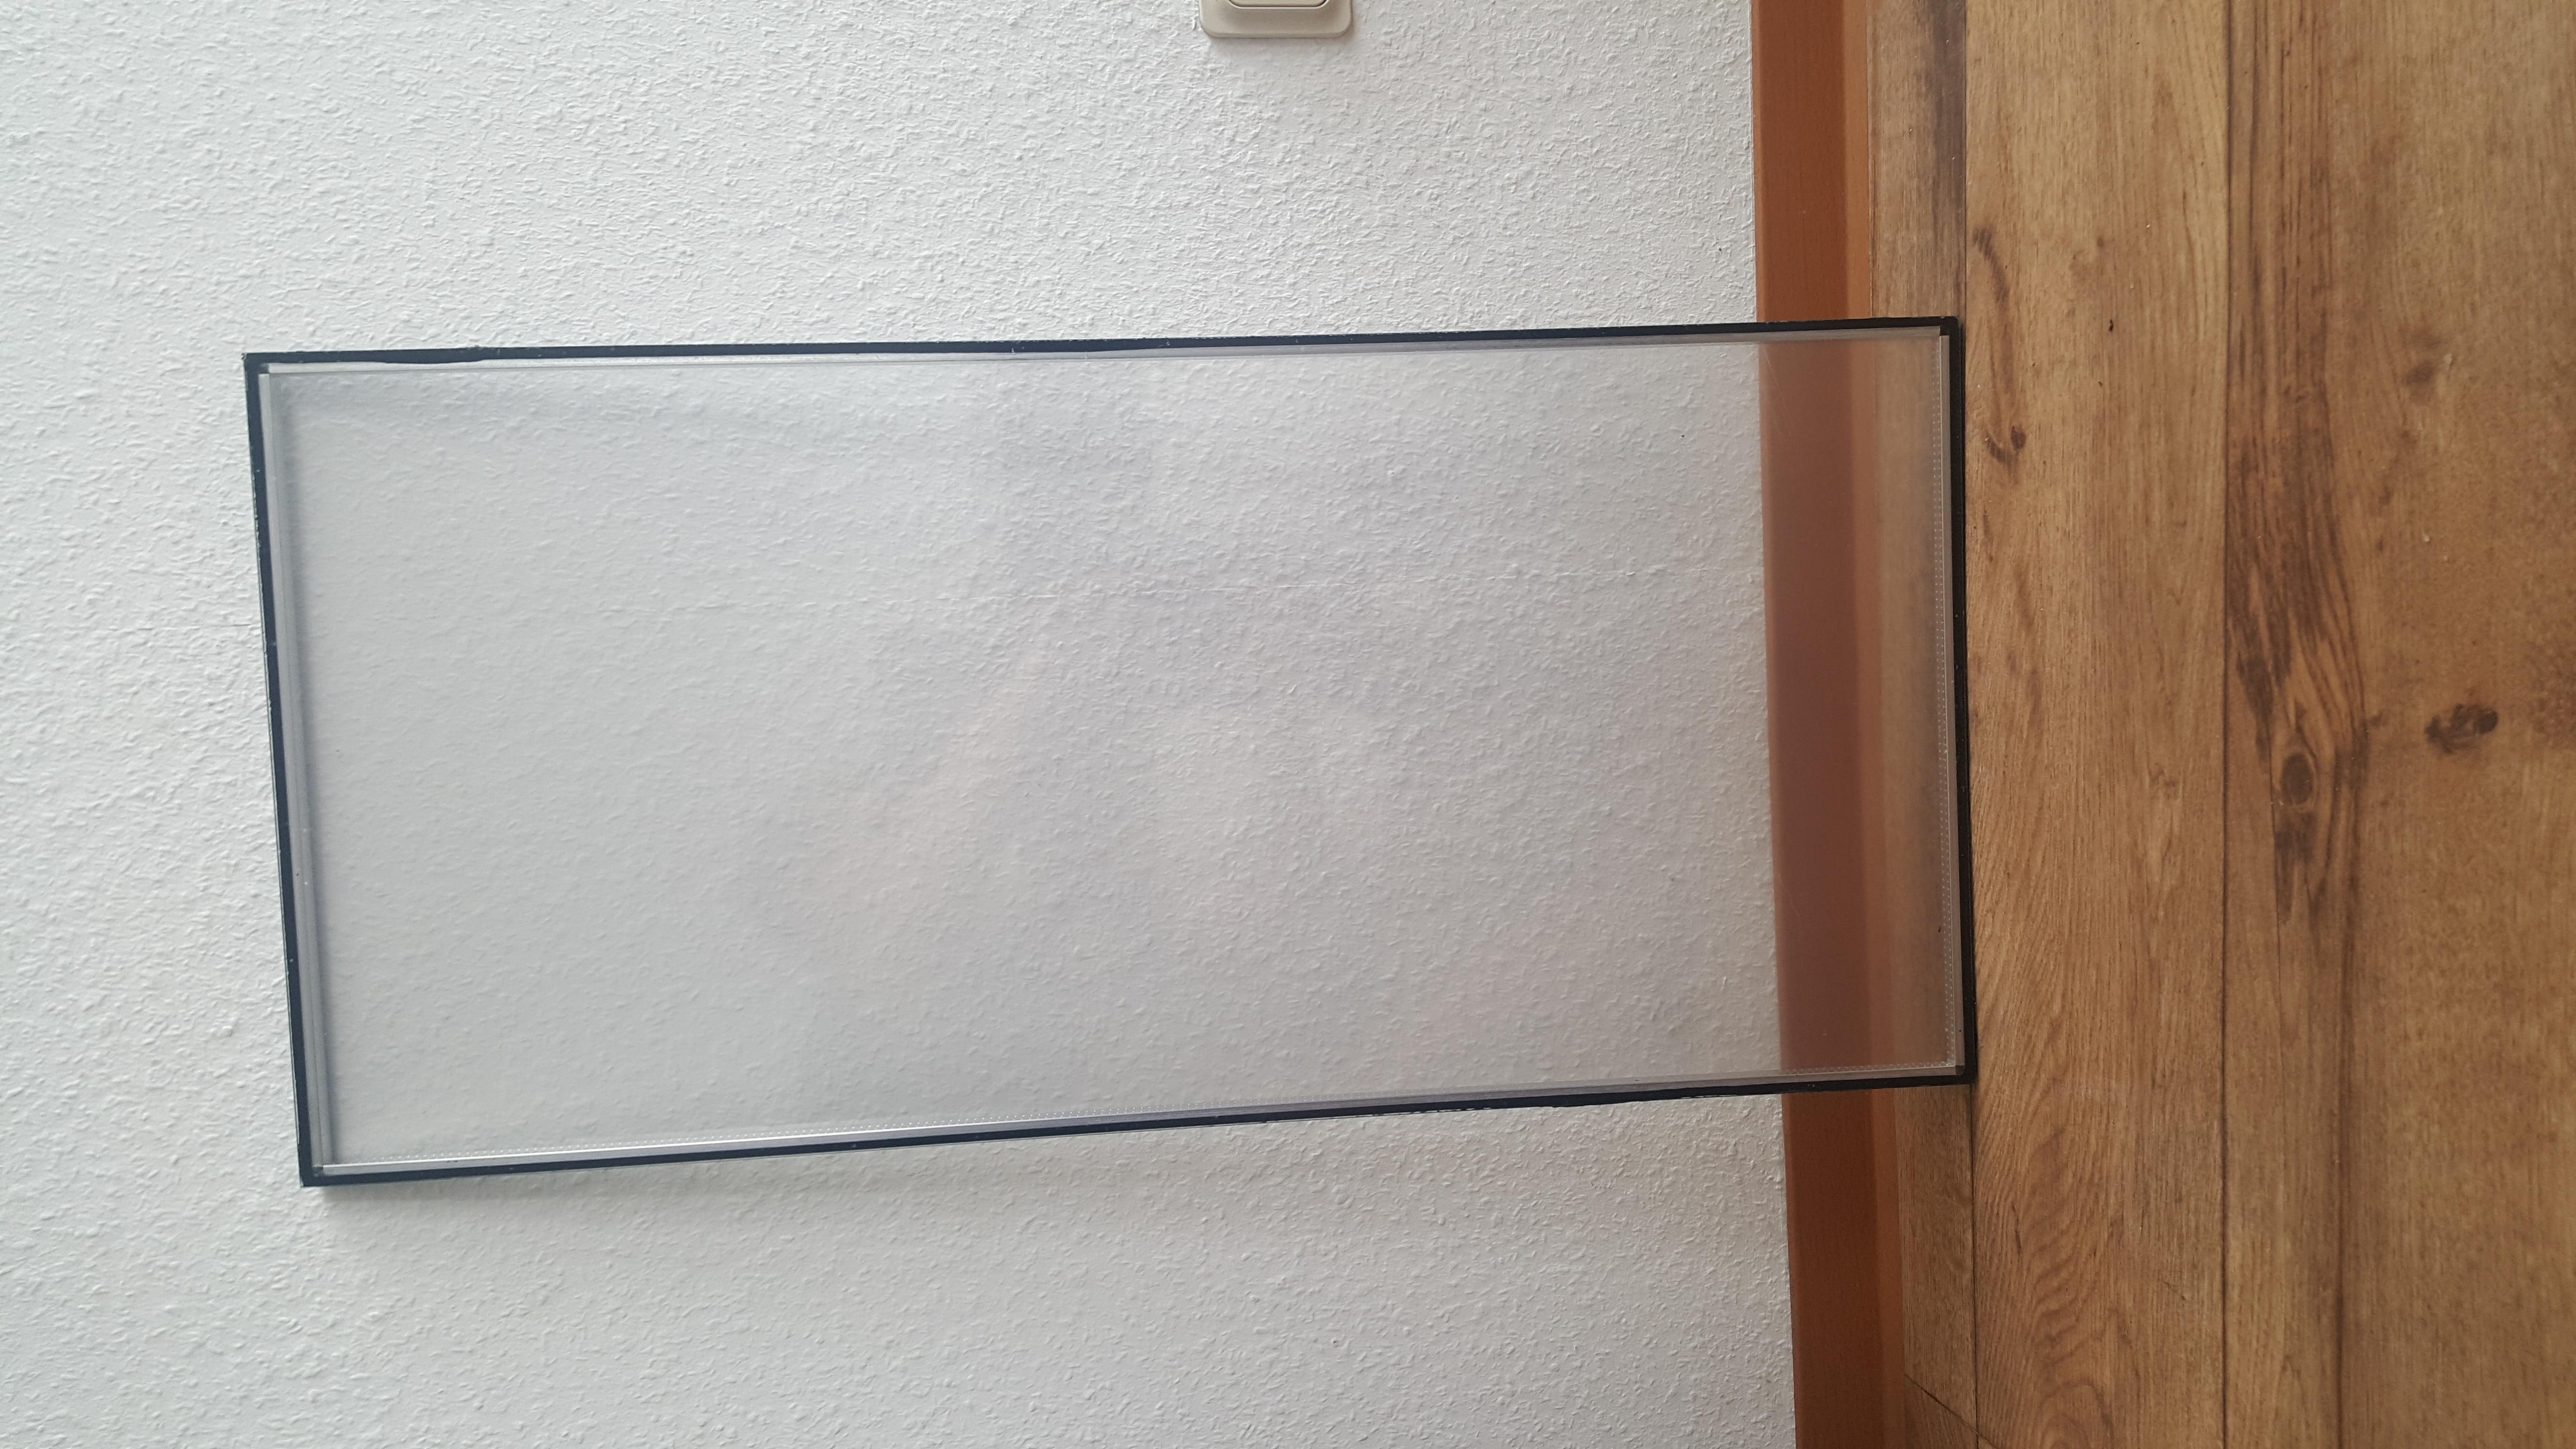 plexiglas scheiben sehr stabil teckentrup sectionaltor industrietor b ware b ware. Black Bedroom Furniture Sets. Home Design Ideas